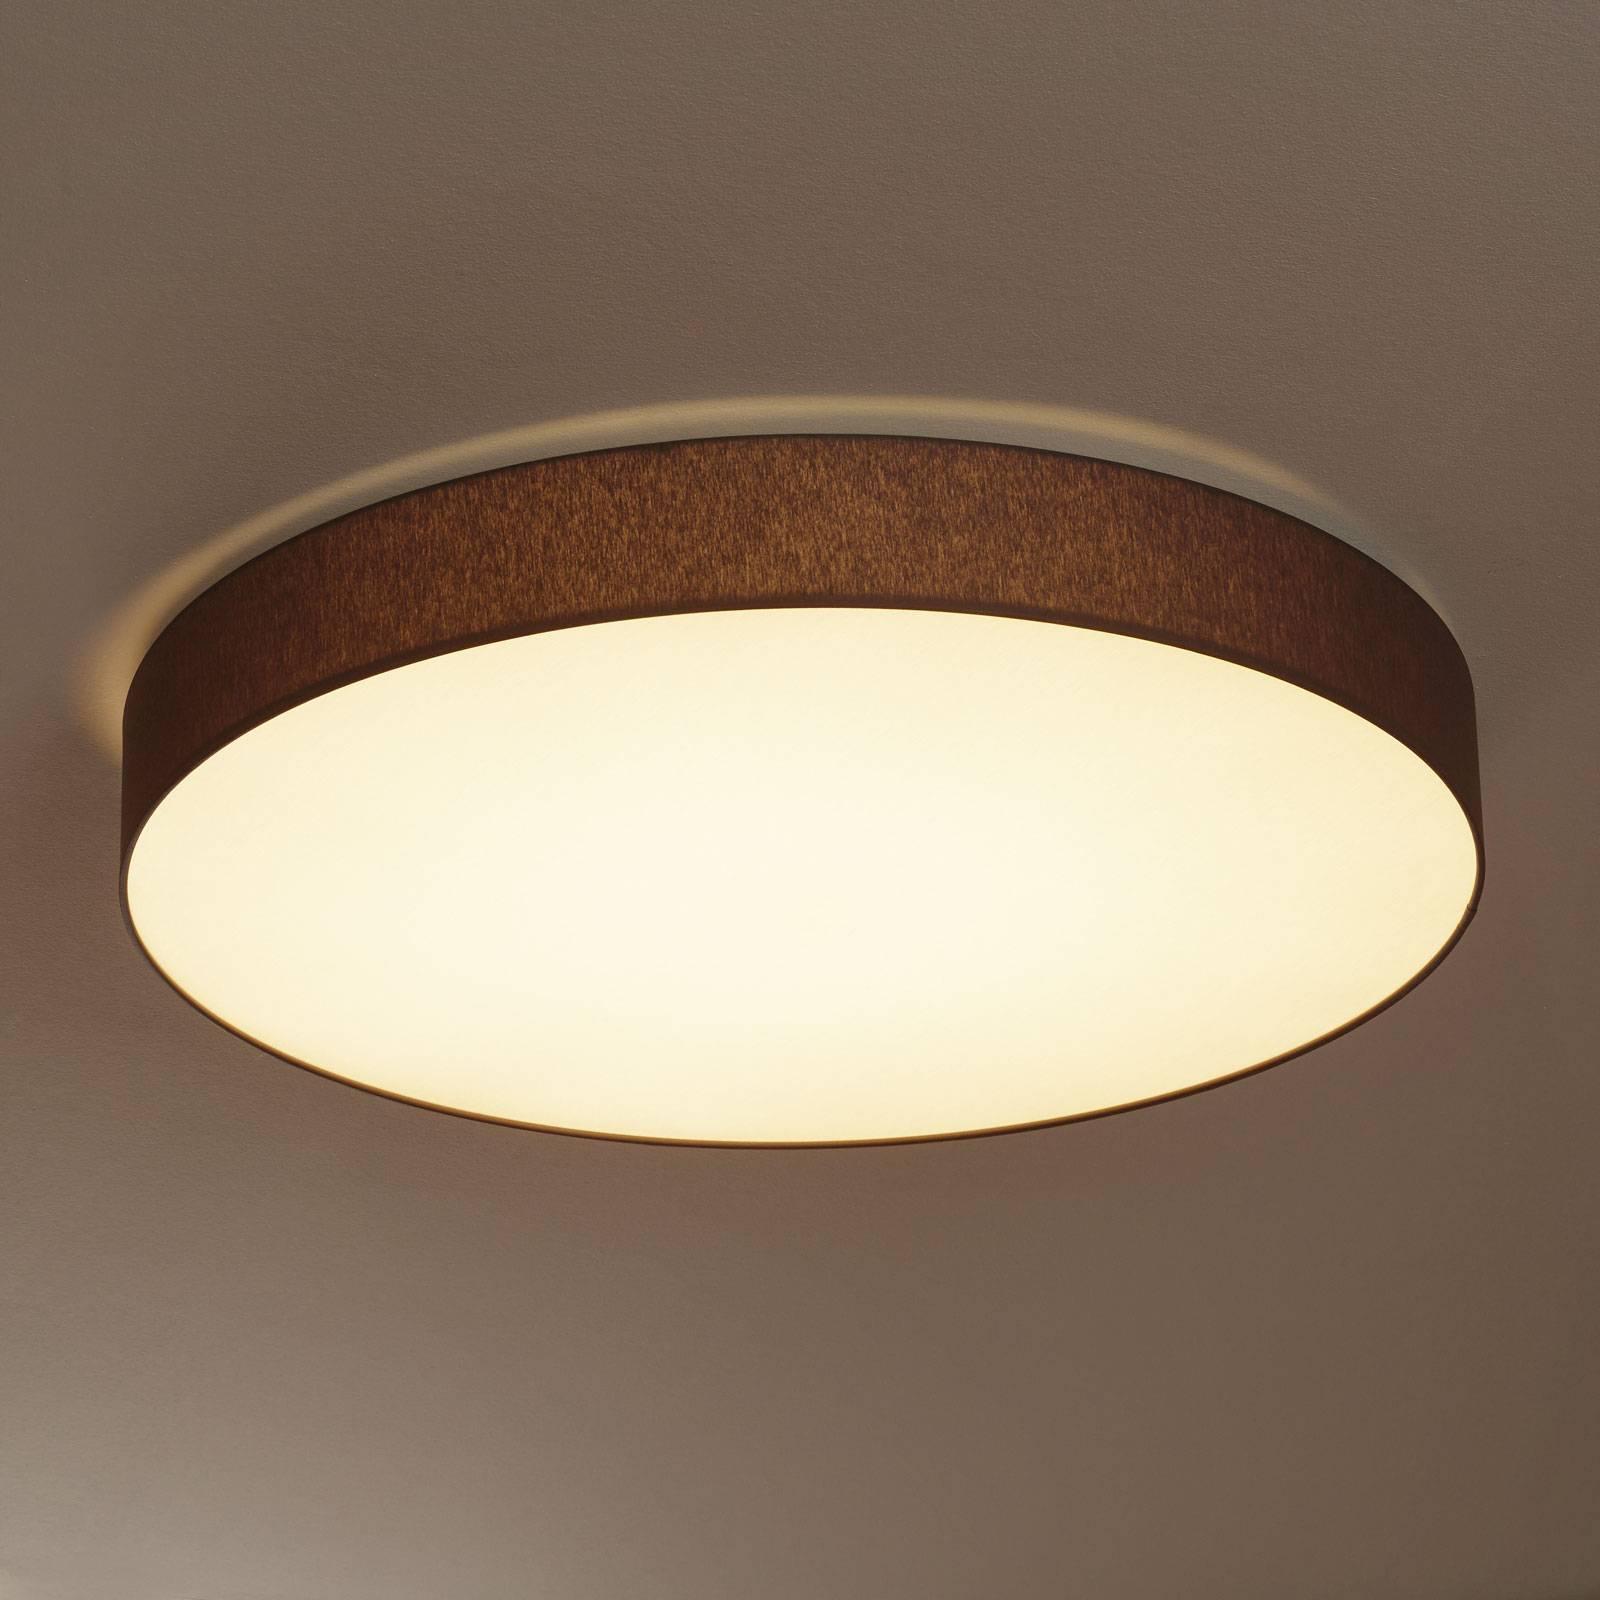 LED-kattovalaisin Luno sintsivarjostimella